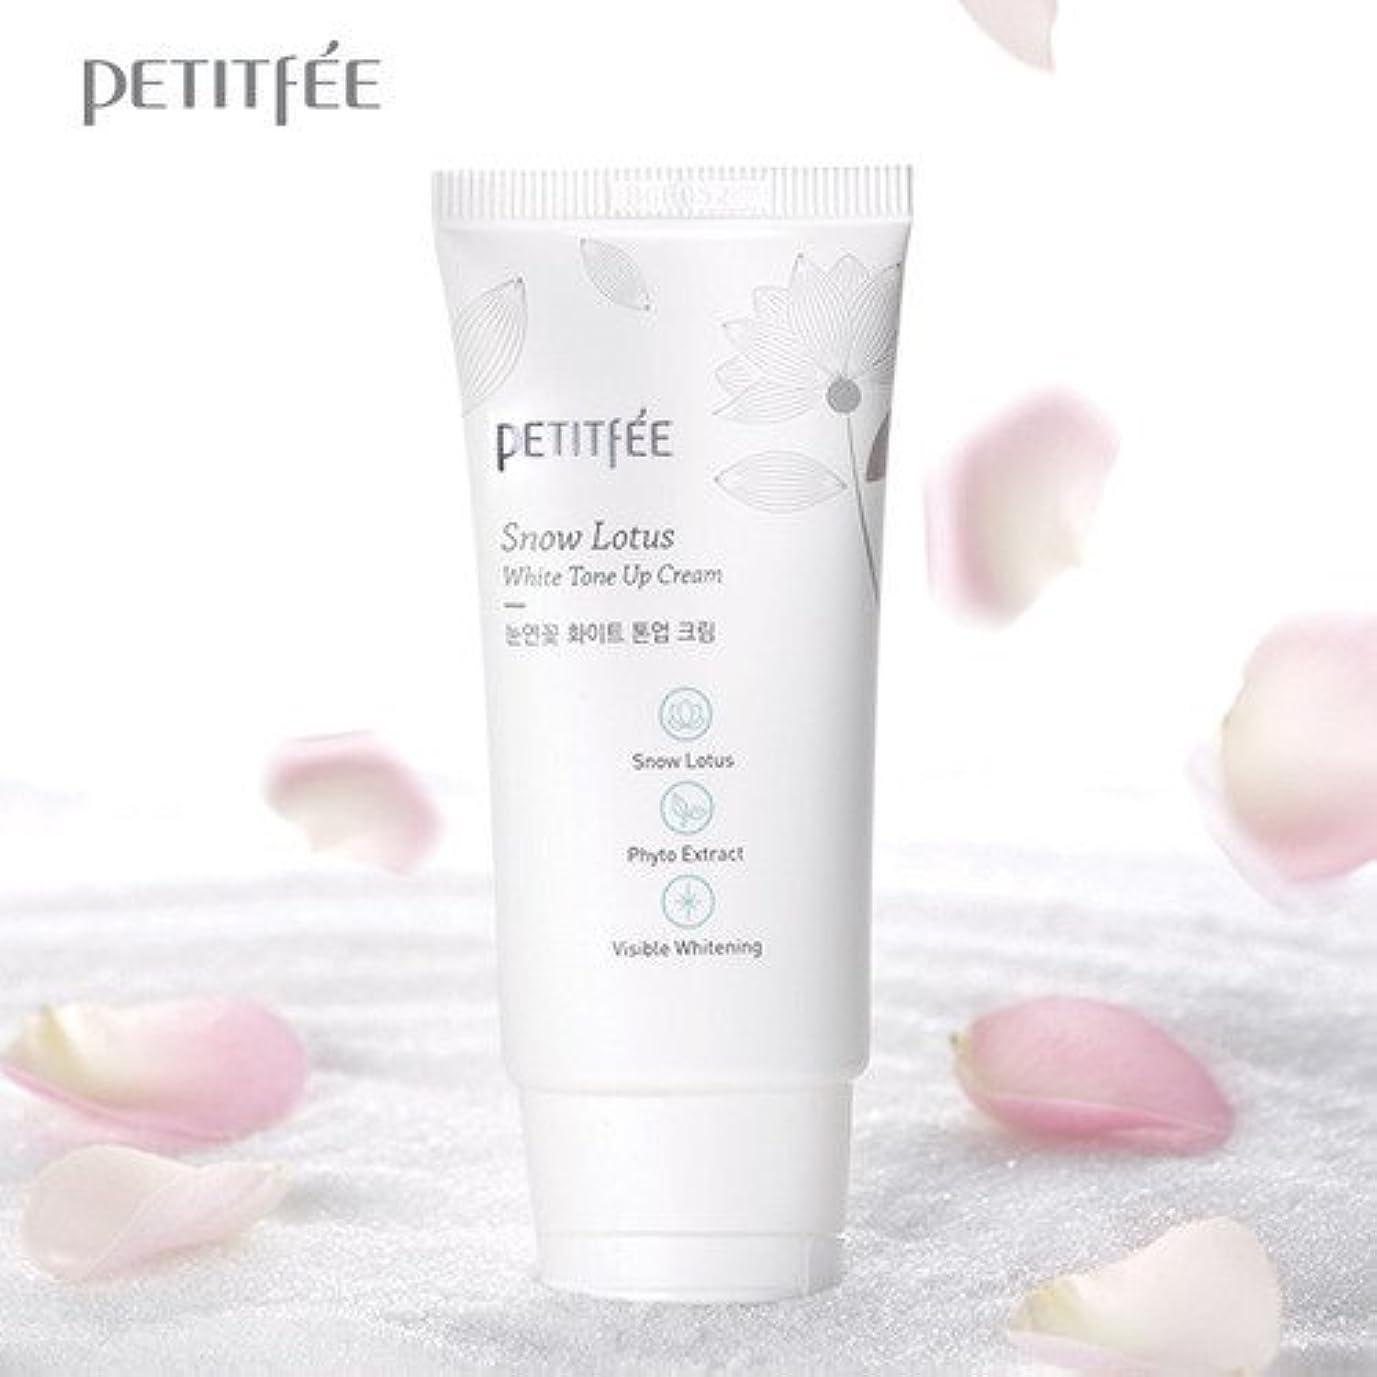 ファッション月治療PETITFEE(プチペ) スノーはすばなホワイトトンアップクリーム 50ml/ Petitfee Snow Lotus White Tone Up Cream 50ml [並行輸入品]